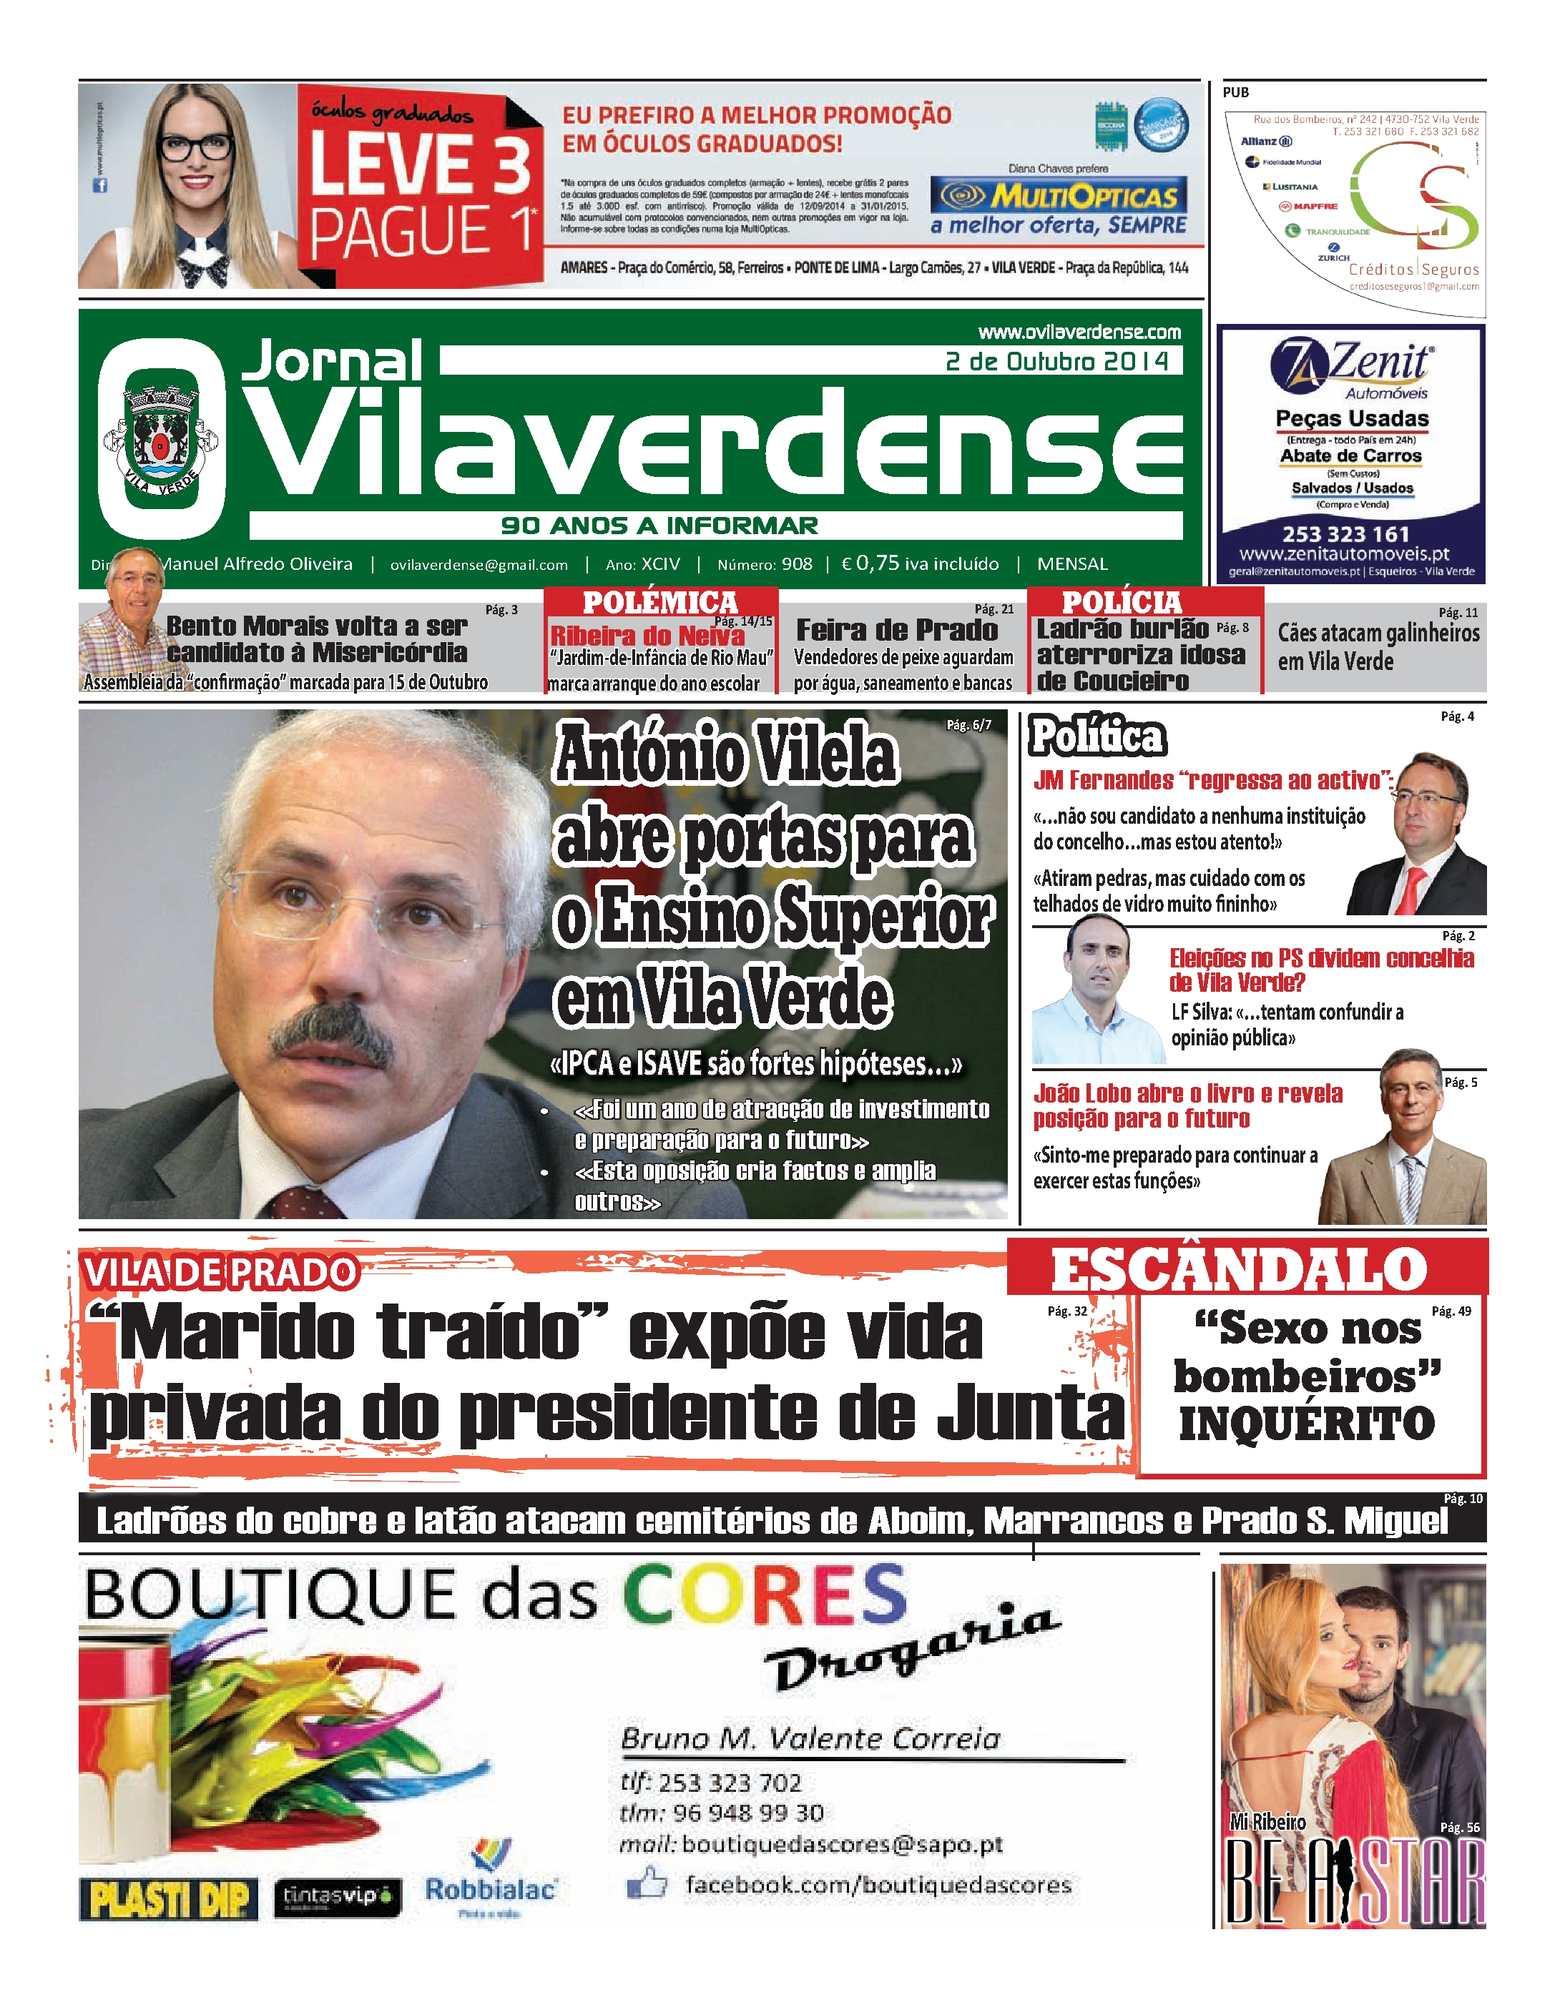 Calaméo - O VILAVERDENSE OUTUBRO 2014 59a26b6cbd